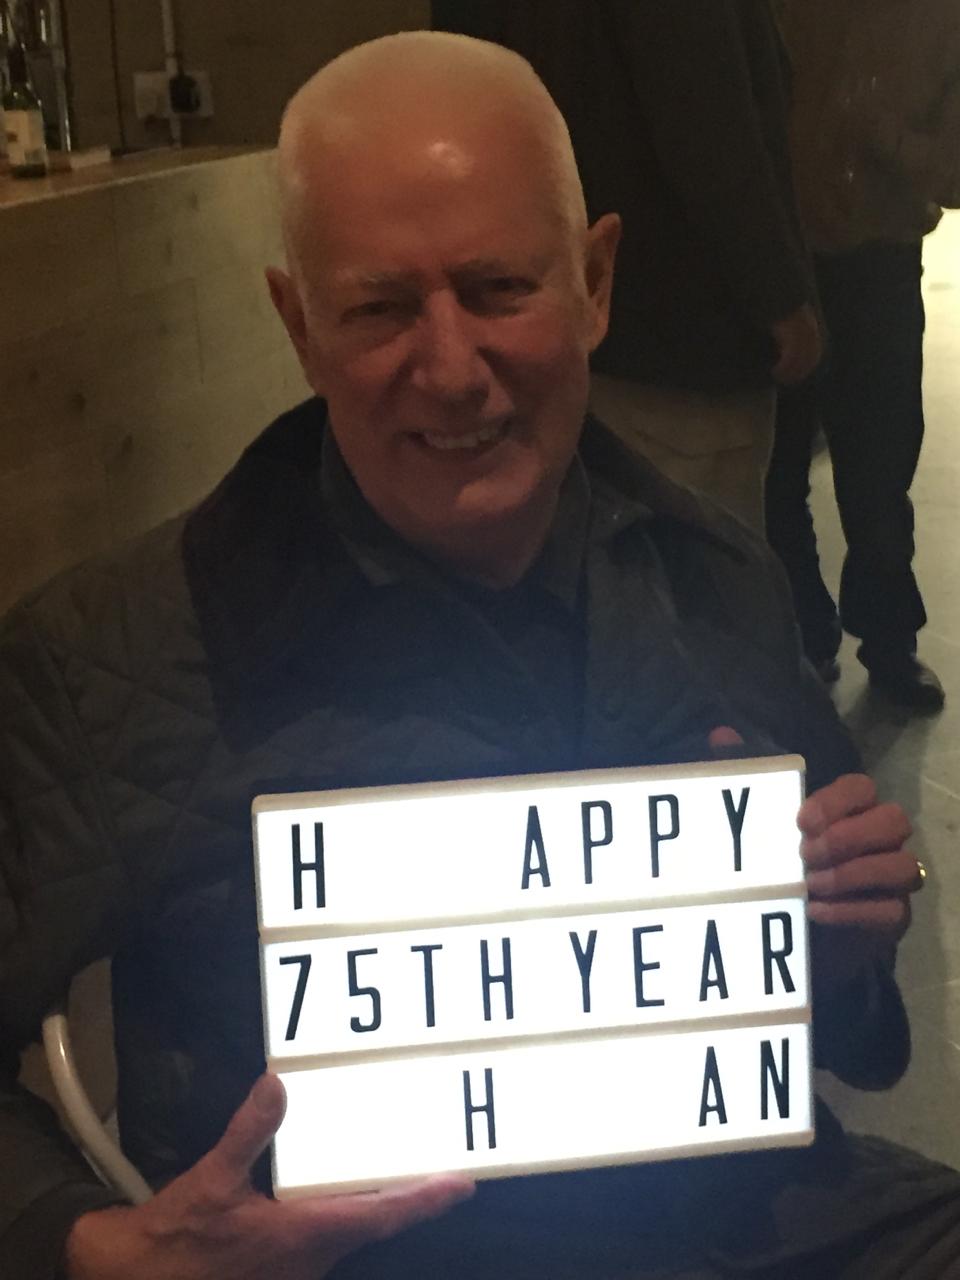 Han Happy in Derry Nov. 2.jpg